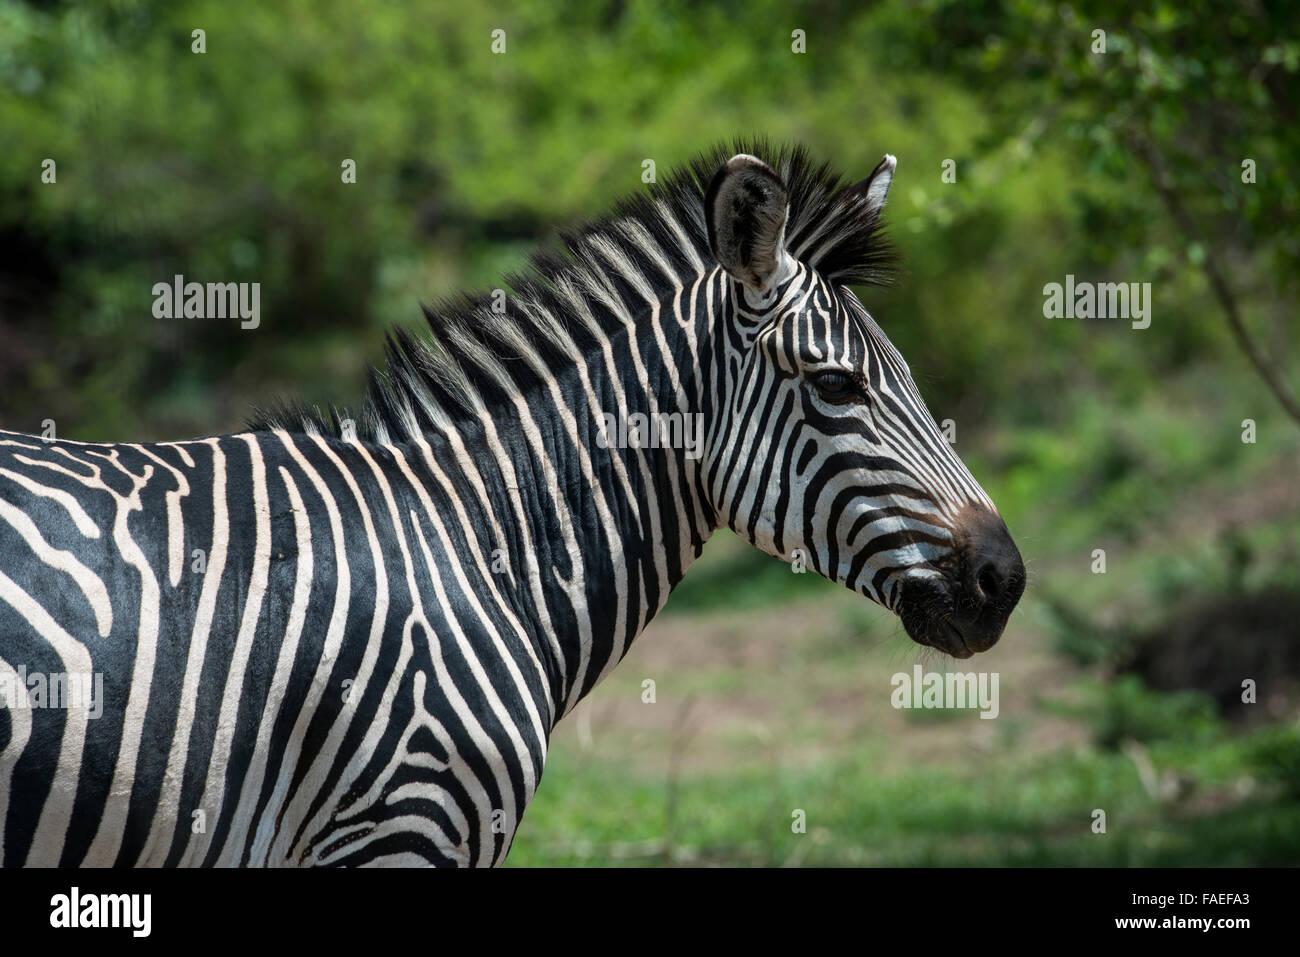 La Zambie, le parc national de South Luangwa, Mfuwe. Le zèbre de Crawshay (Wild: Equus quagga crawshayi) Banque D'Images